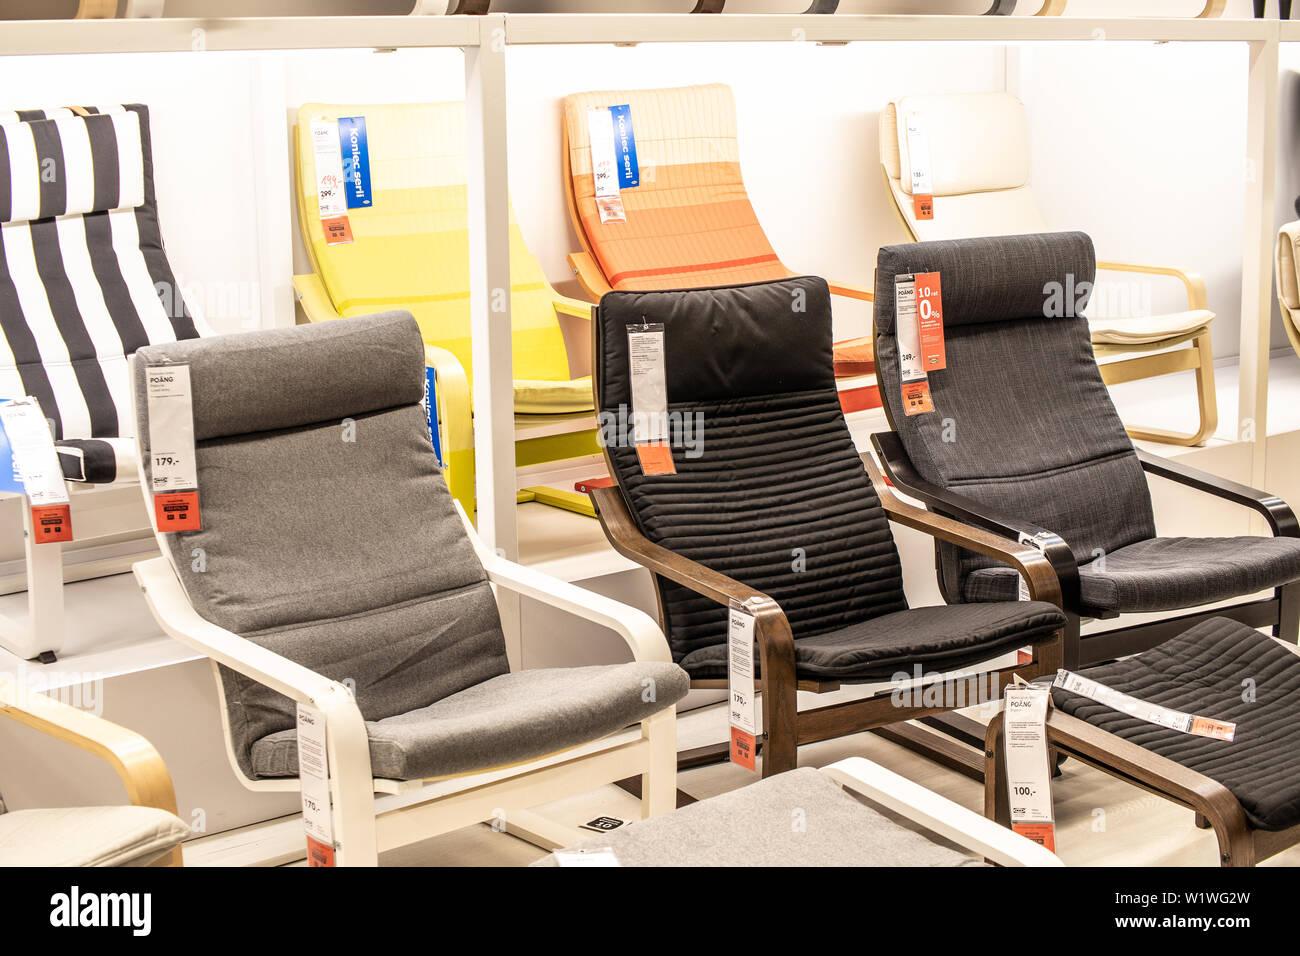 Tienda De Sillones.Lodz Polonia Jan 2019 Exposicion Interior Tienda Ikea